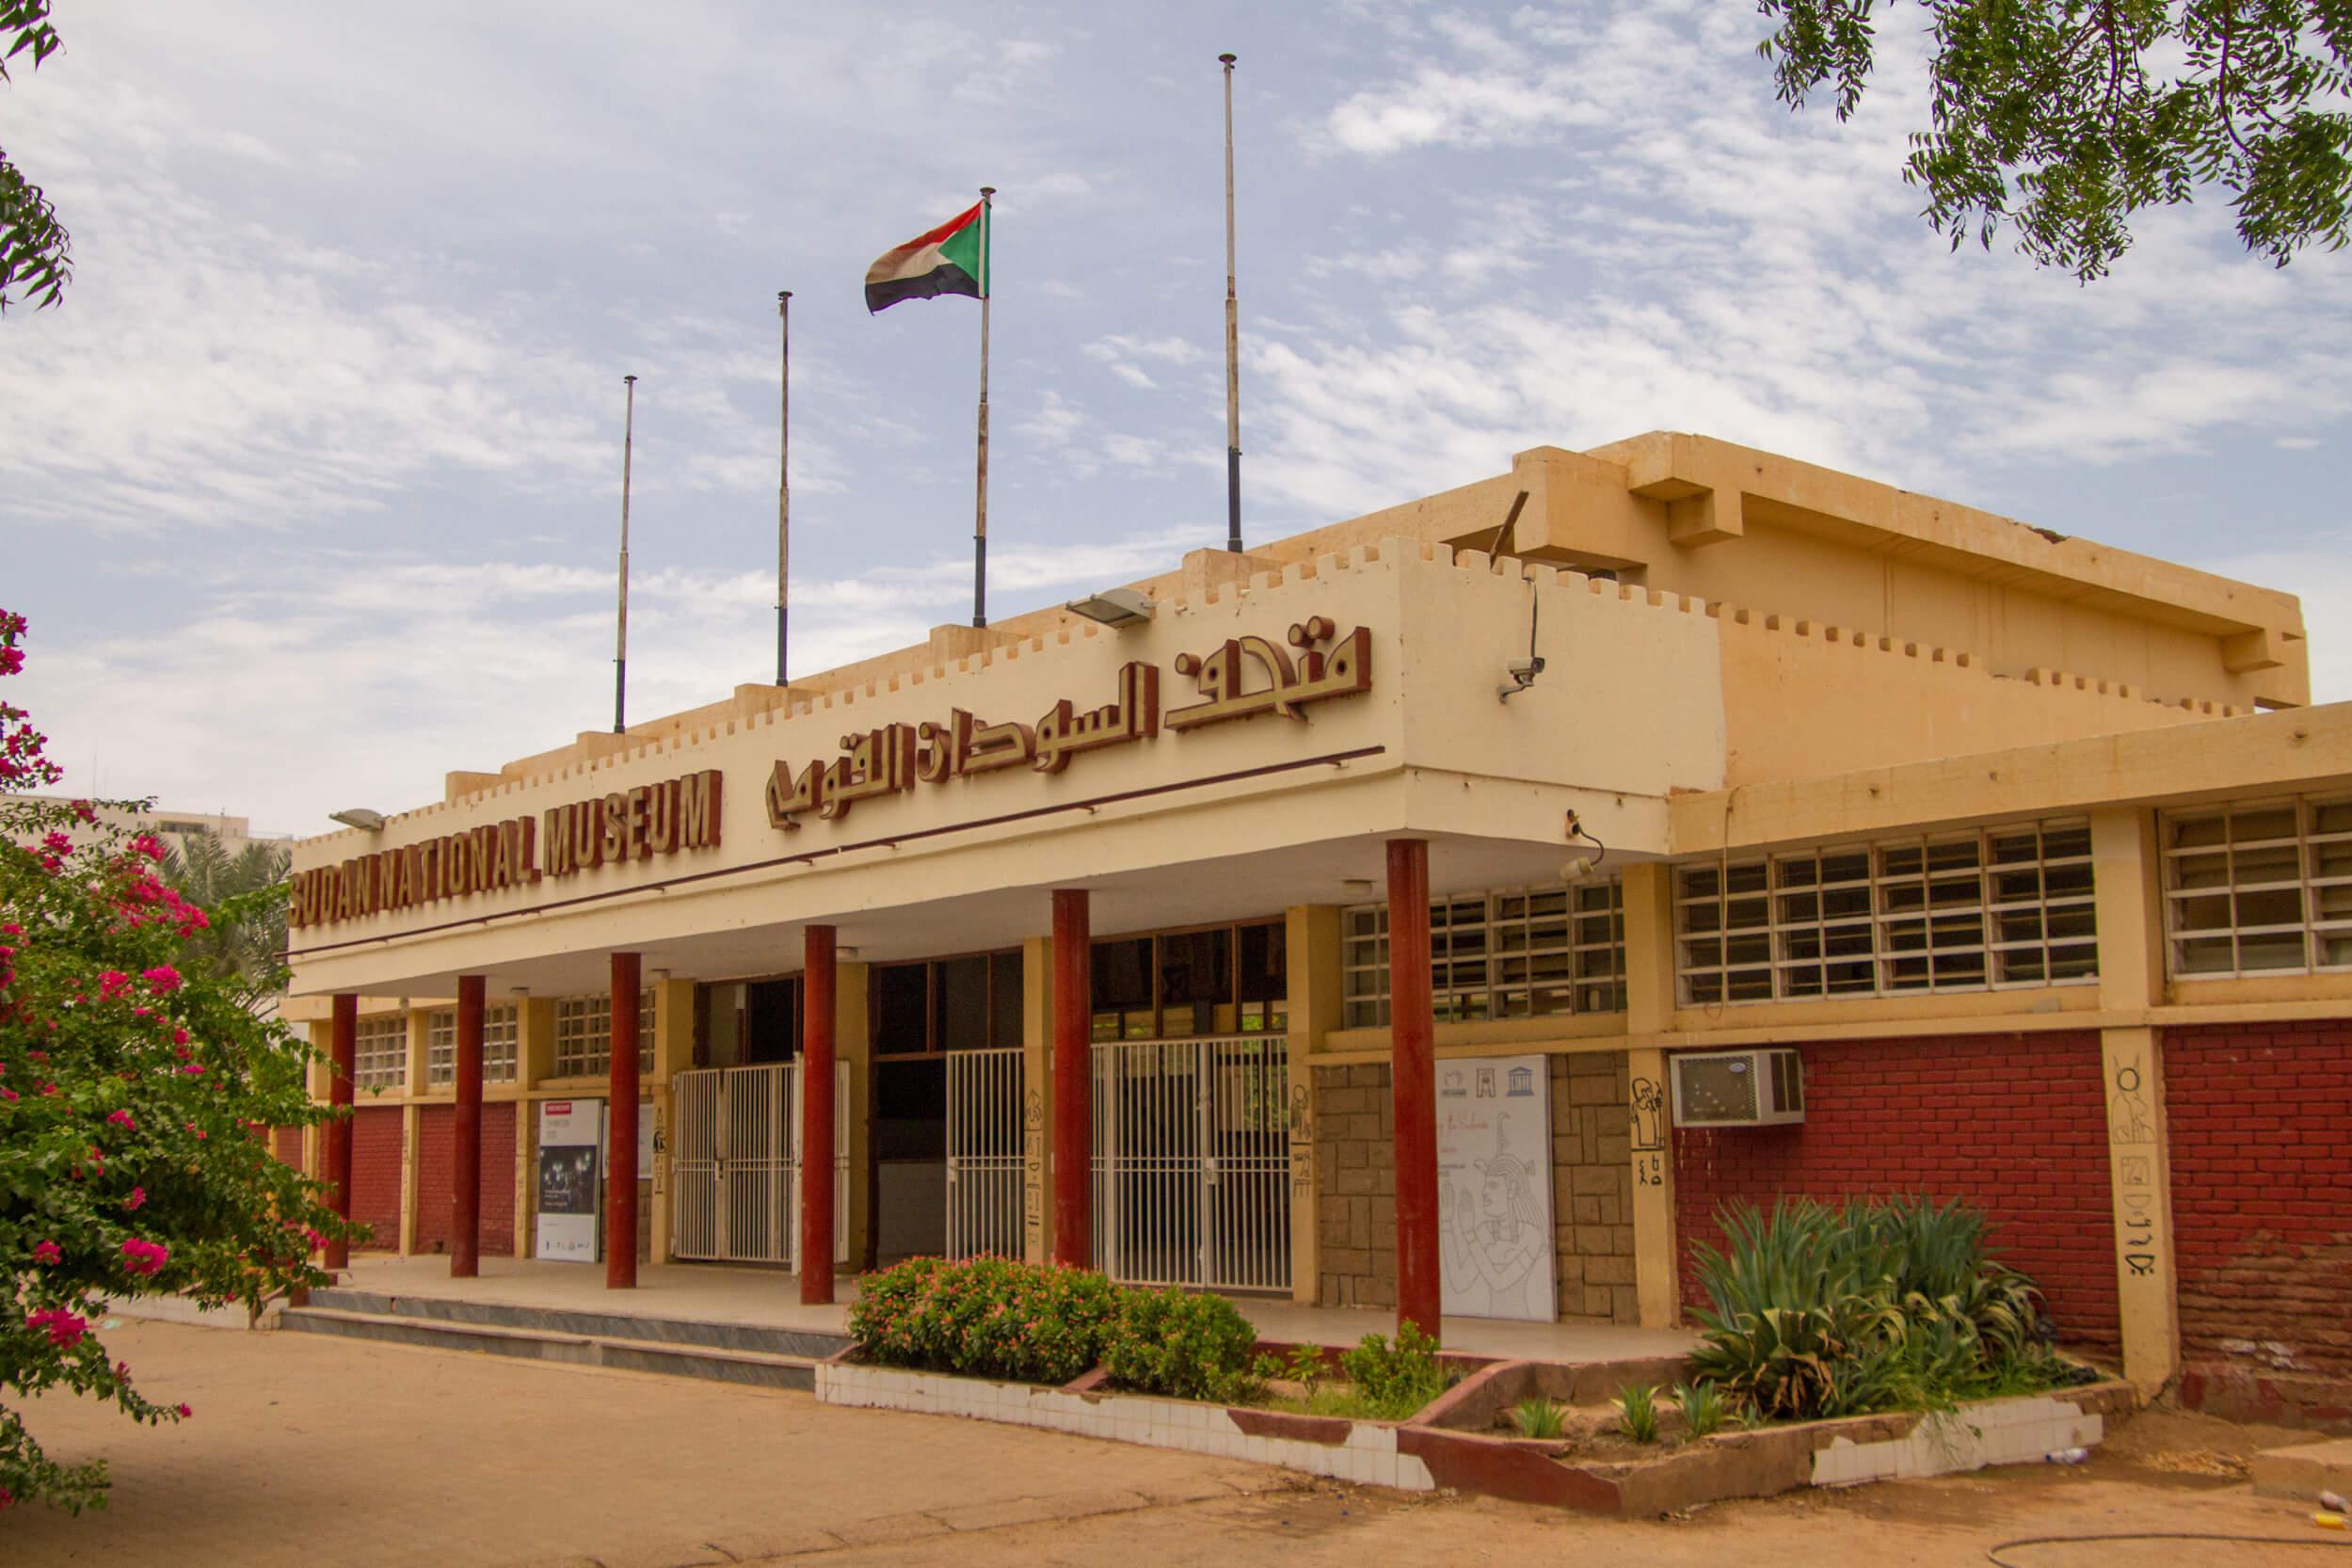 https://bubo.sk/uploads/galleries/7407/marekmeluch_sudan_khartoum_natmuseum.jpg